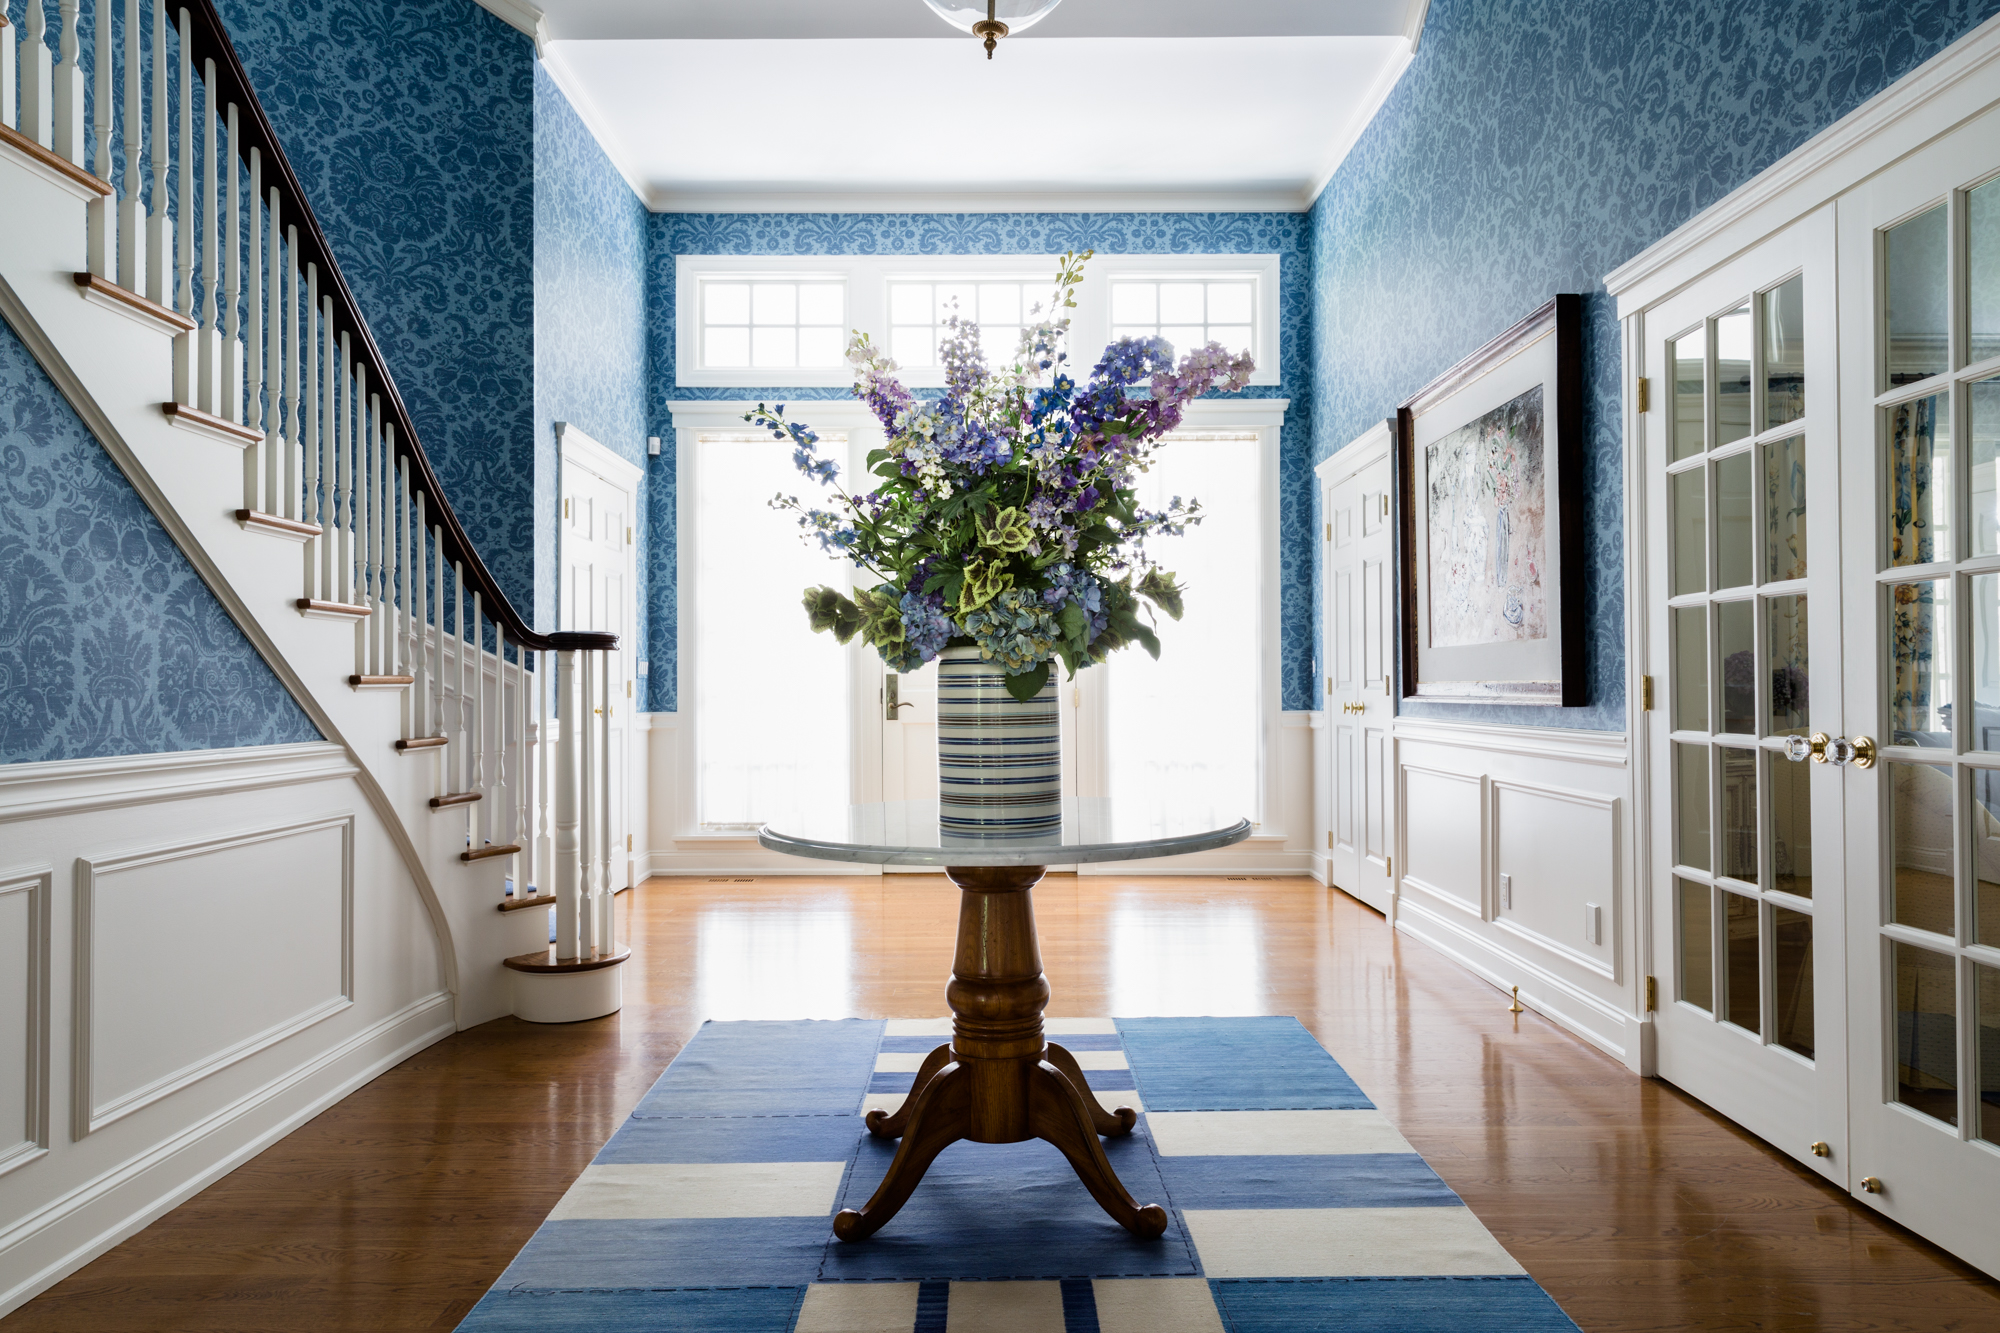 Interiors for website-55.jpg